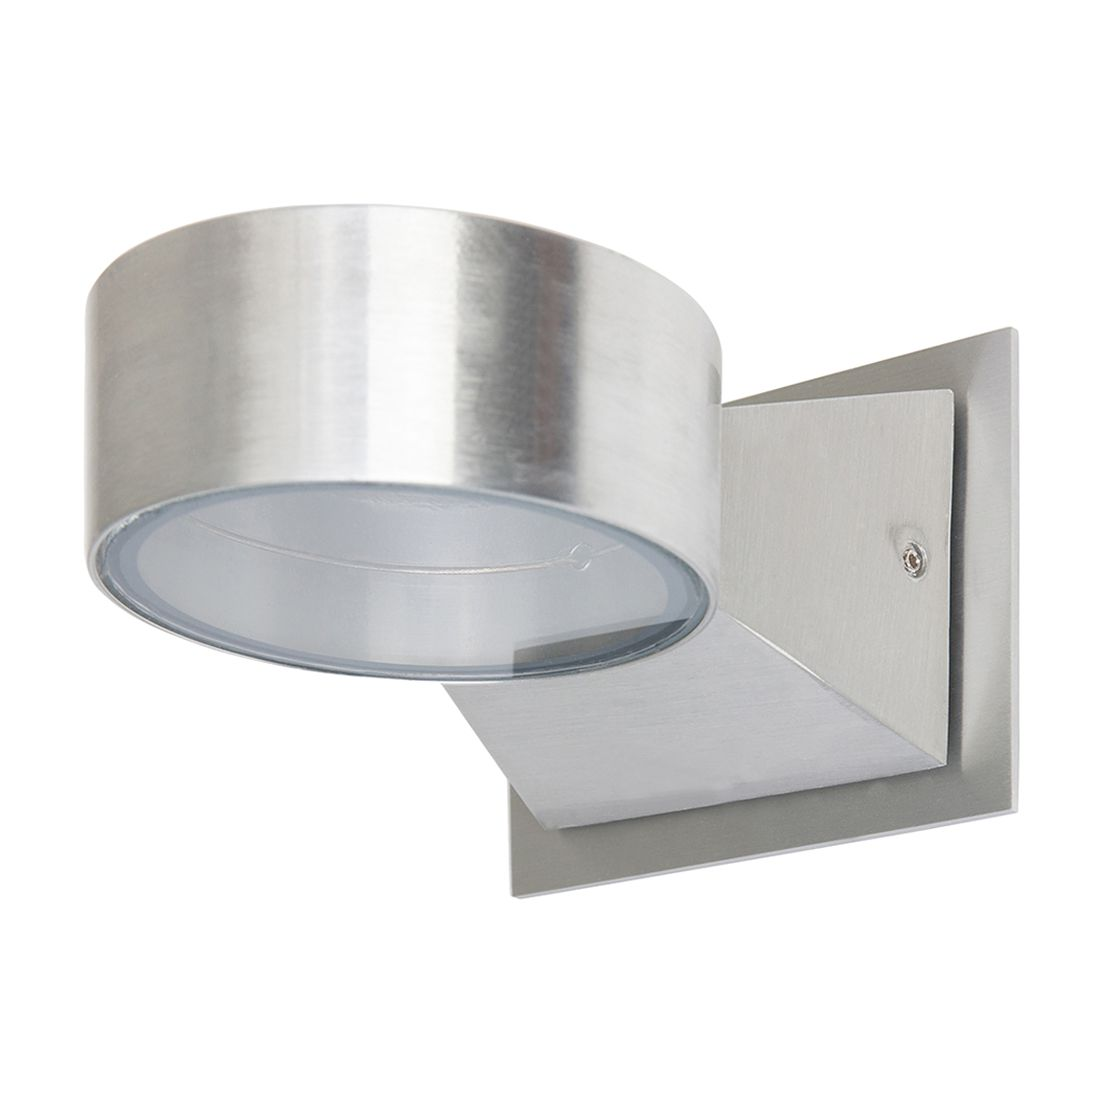 LED-Wandleuchte Rajka 1-flammig ● Nickel matt- Steinhauer A+